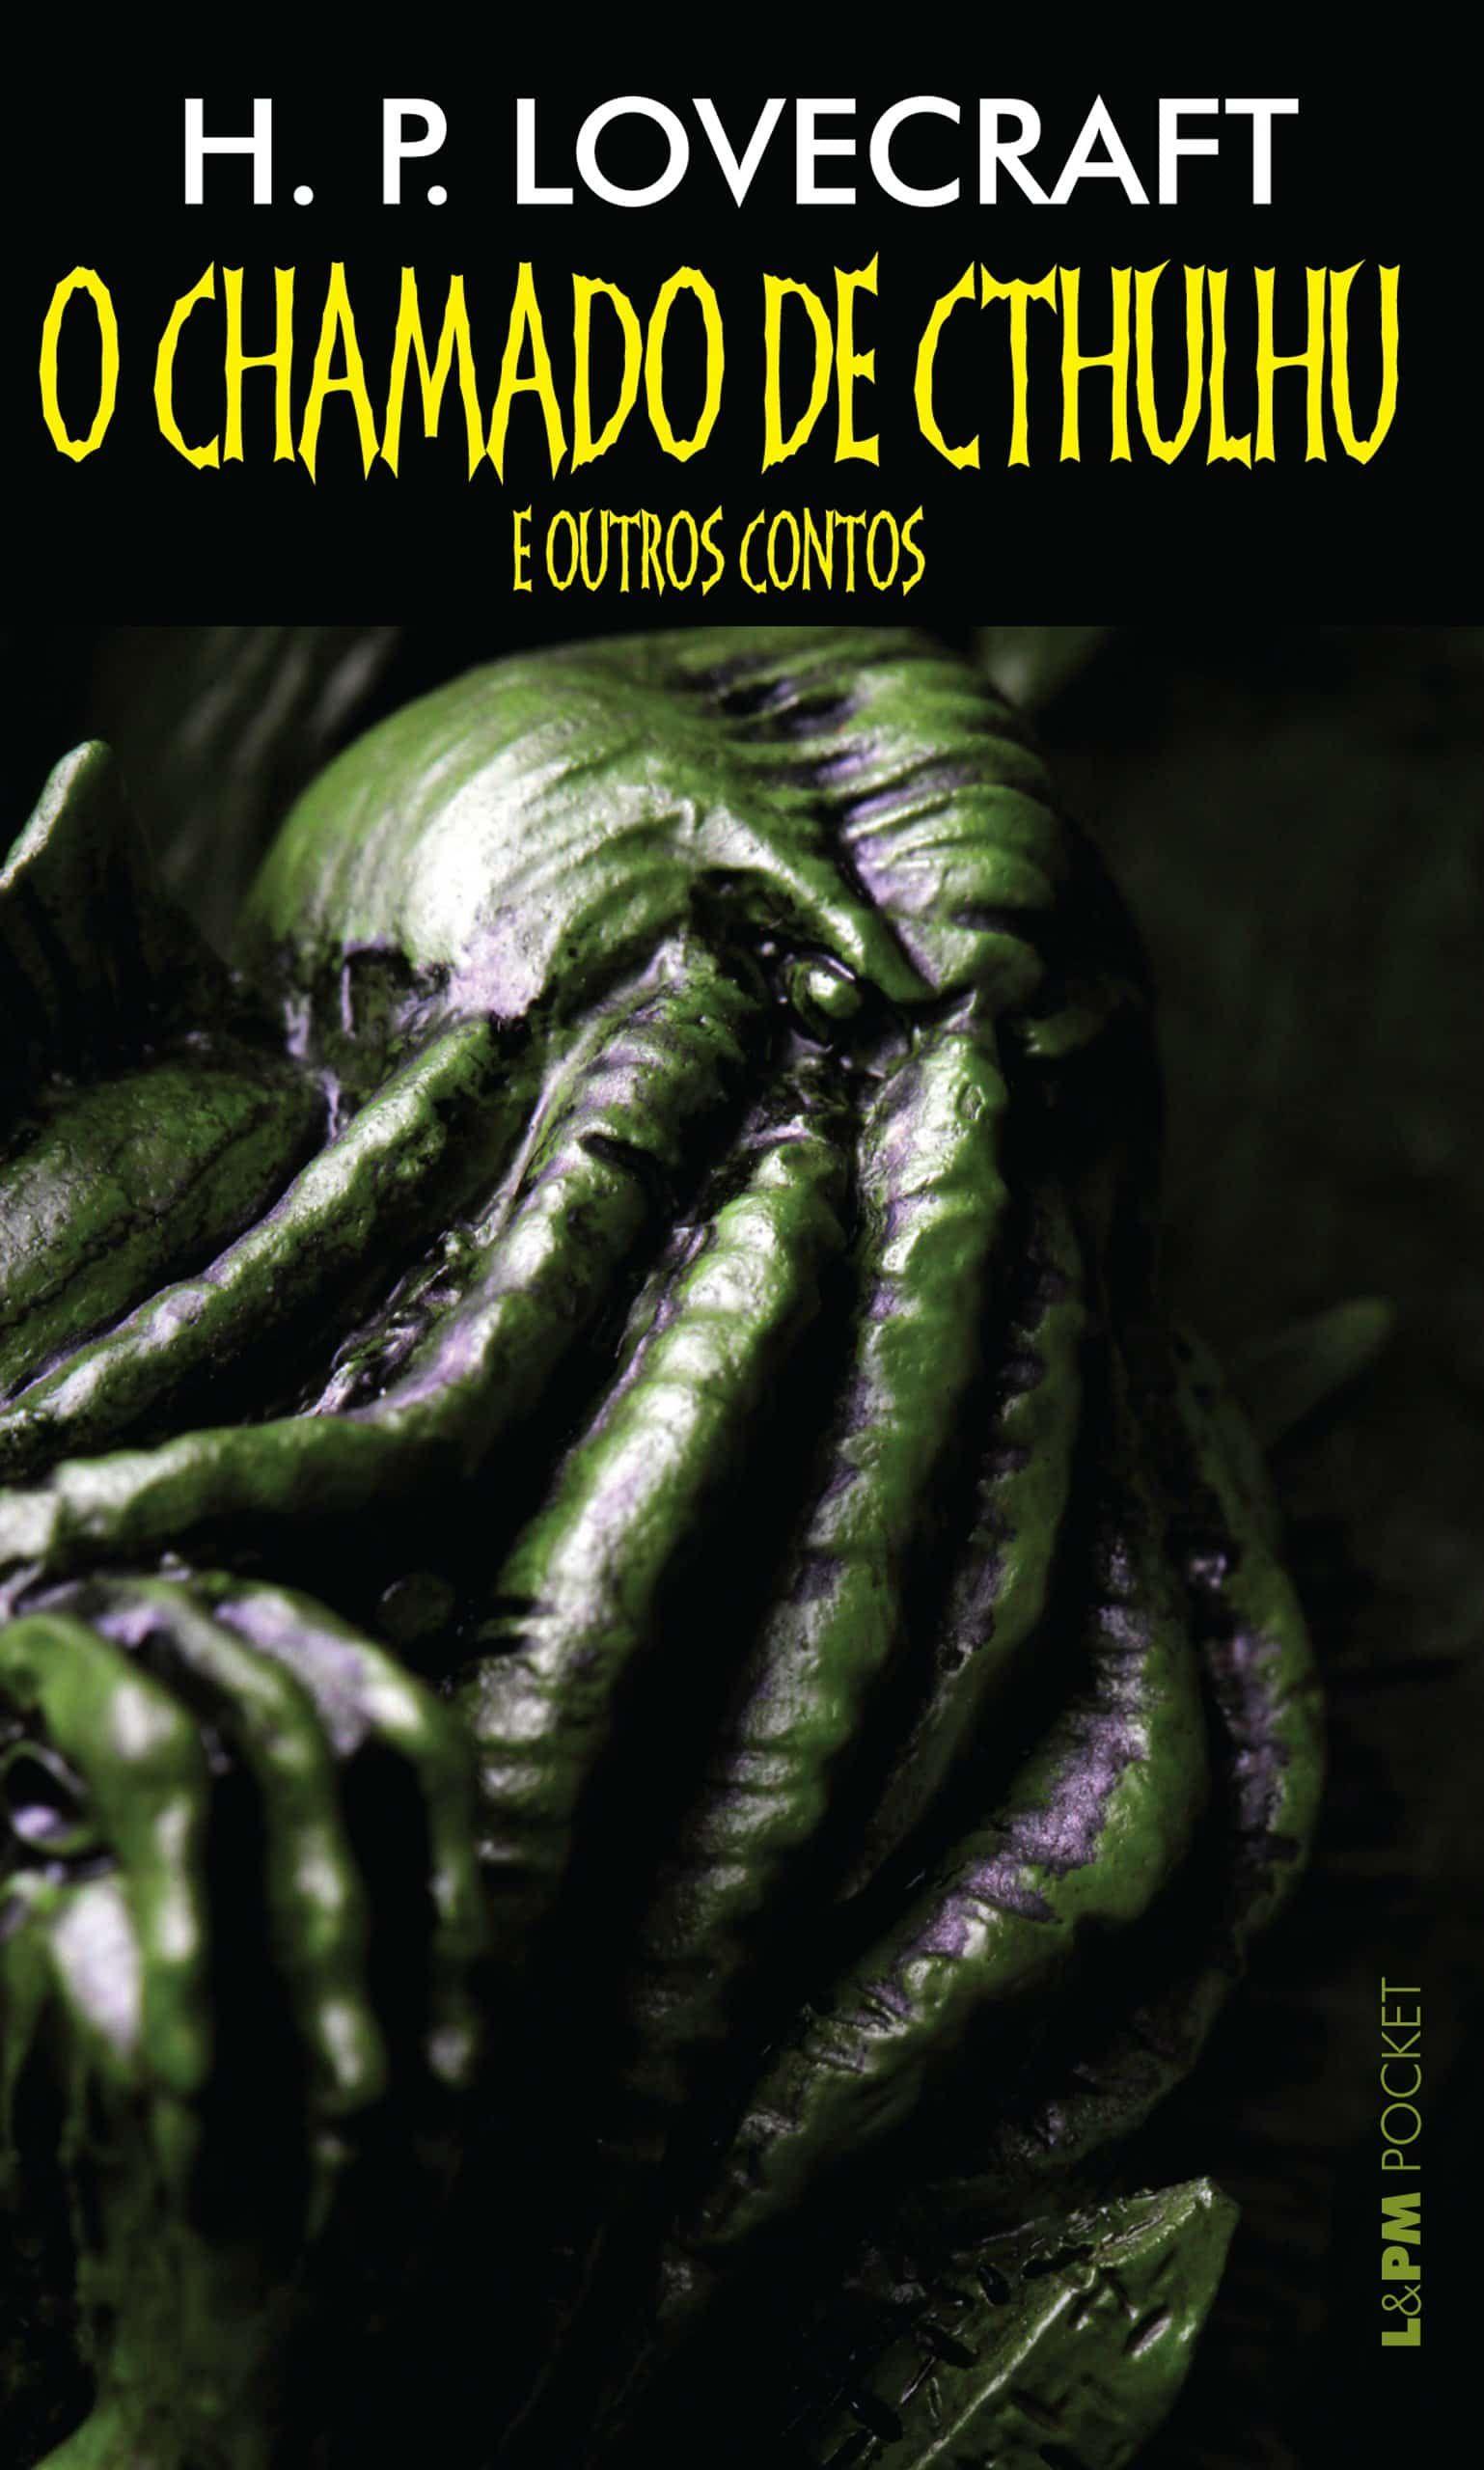 livros-terror-o-chamado-de-cthulhu